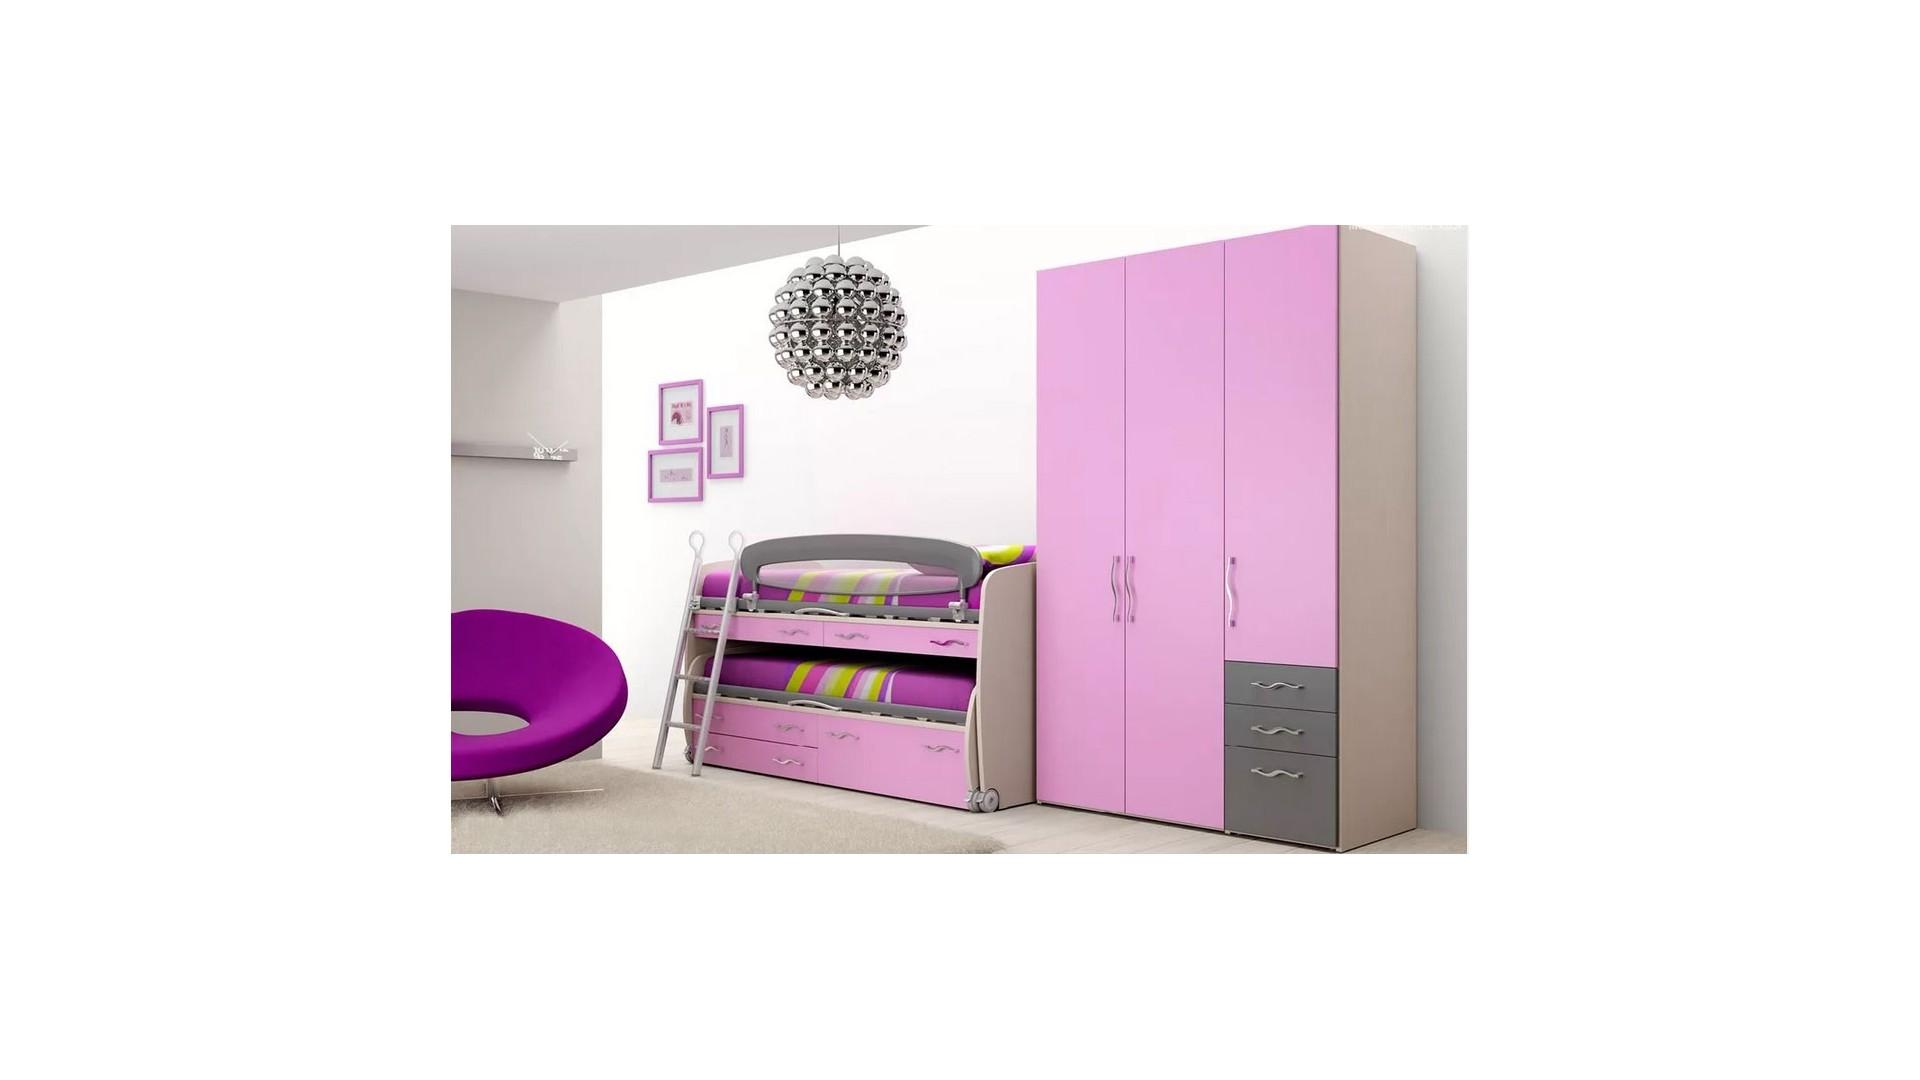 Chambre enfant PERSONNALISABLE BF41 lit surélevé et lit gigogne - MORETTI COMPACT